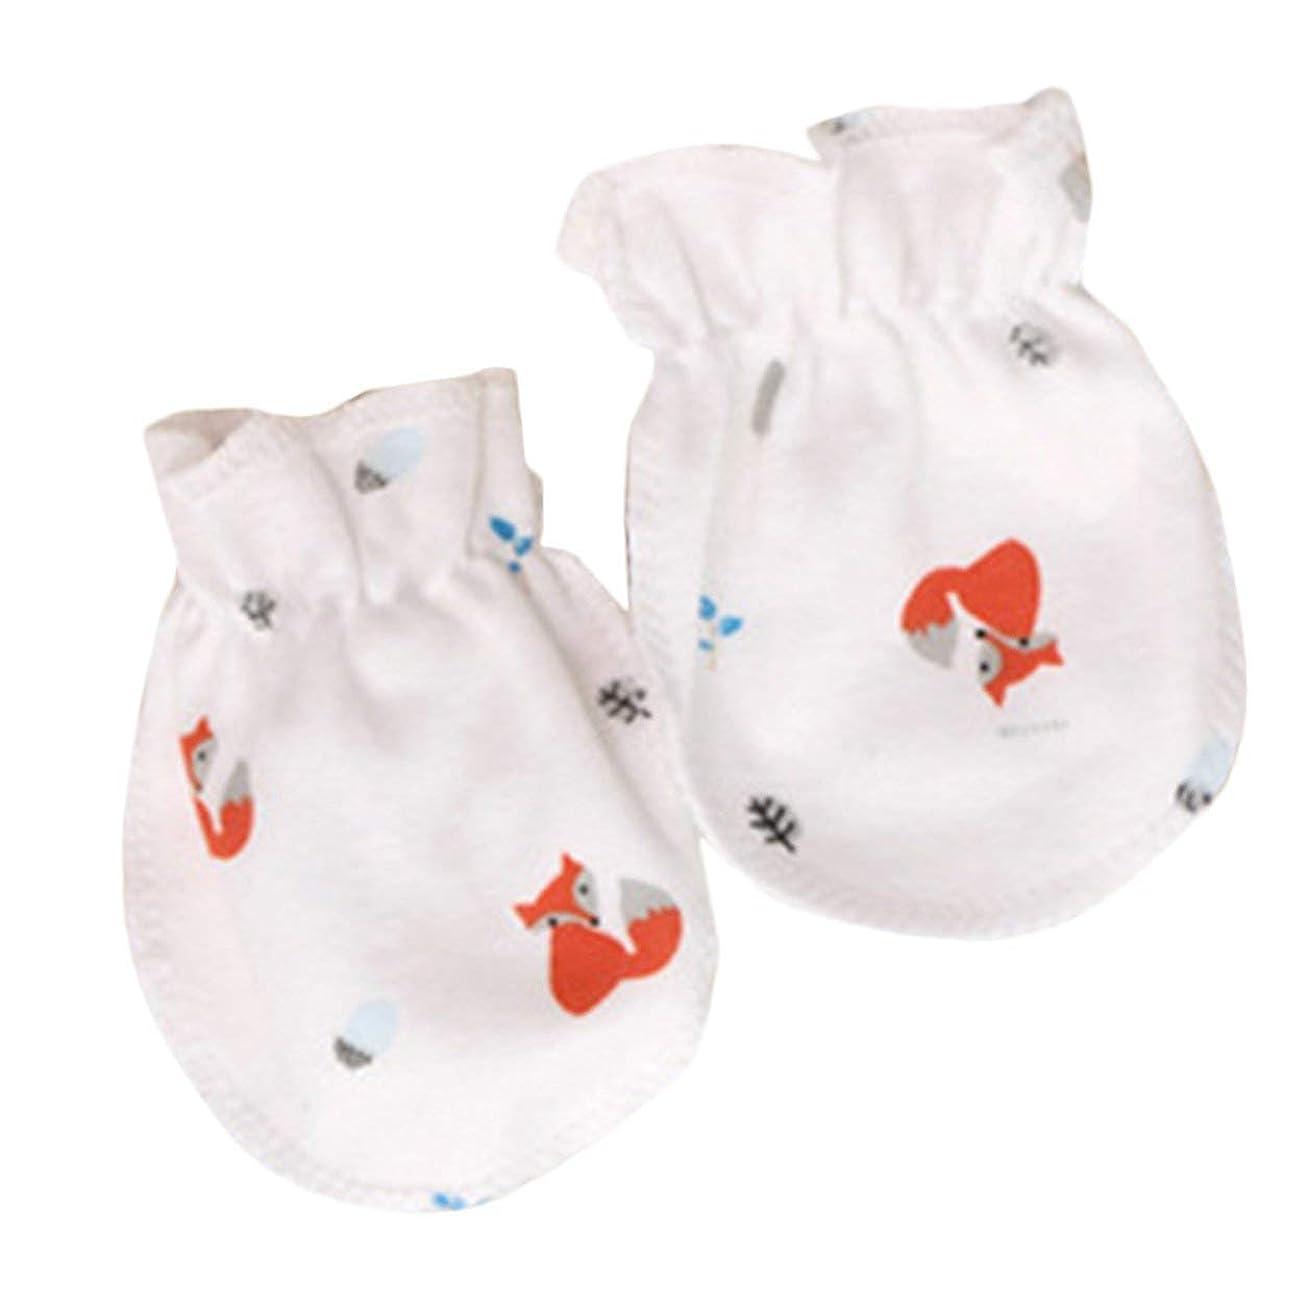 収まる自発マイクロSaikogoods 赤ちゃん ベビー 漫画のデザインファッションベビーアンチスクラッチ手袋新生児保護フェイスコットンスクラッチミトン手袋 colorful 狐